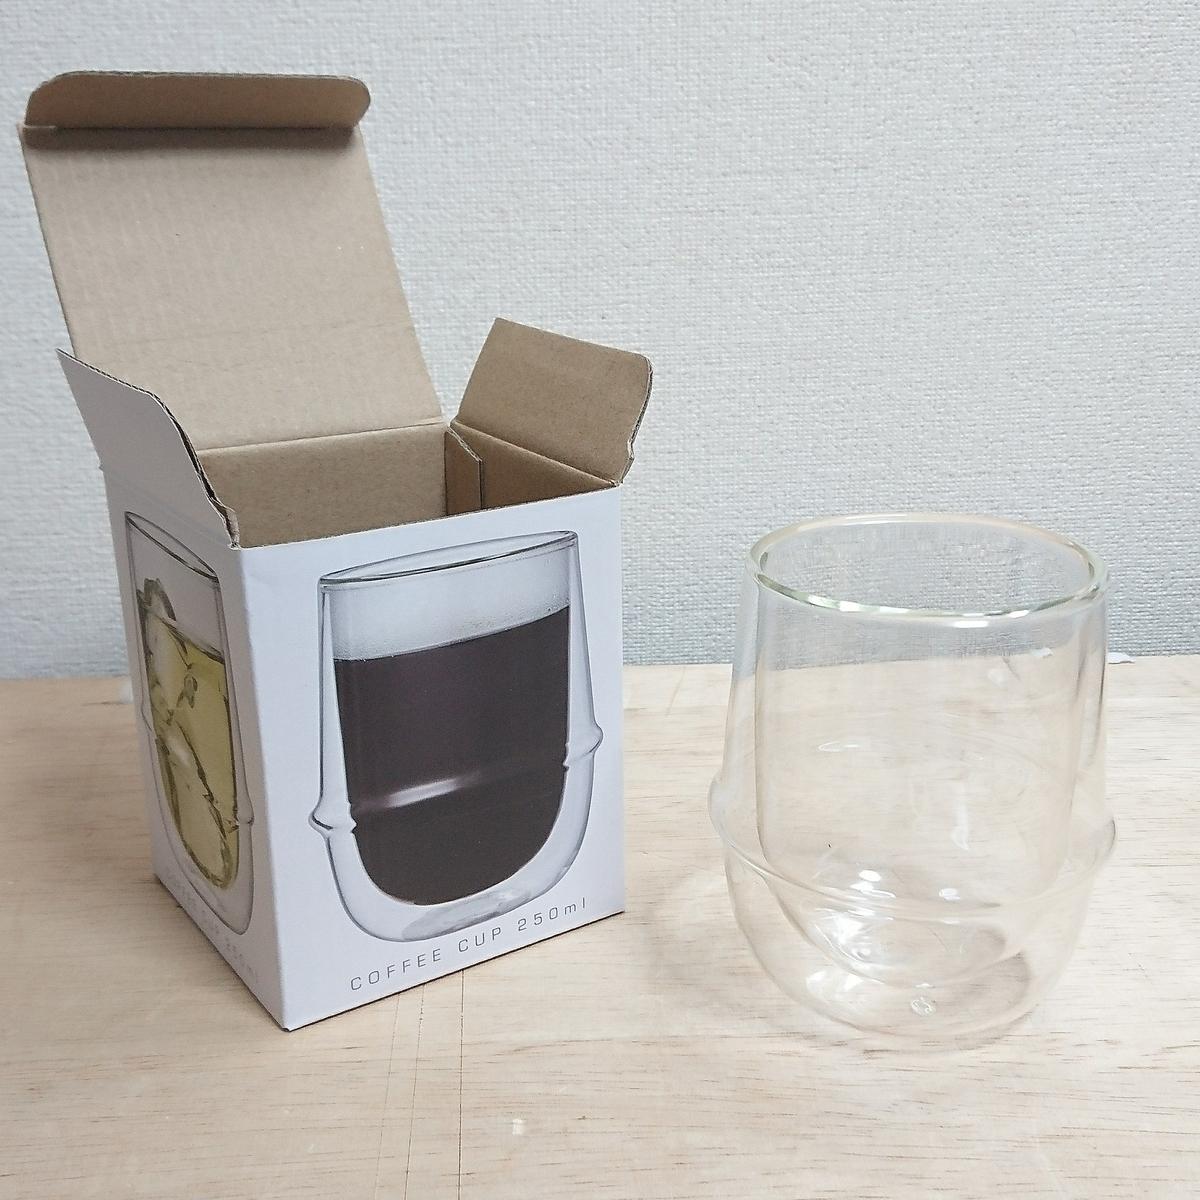 ダブルウォール コーヒーカップ  250ml